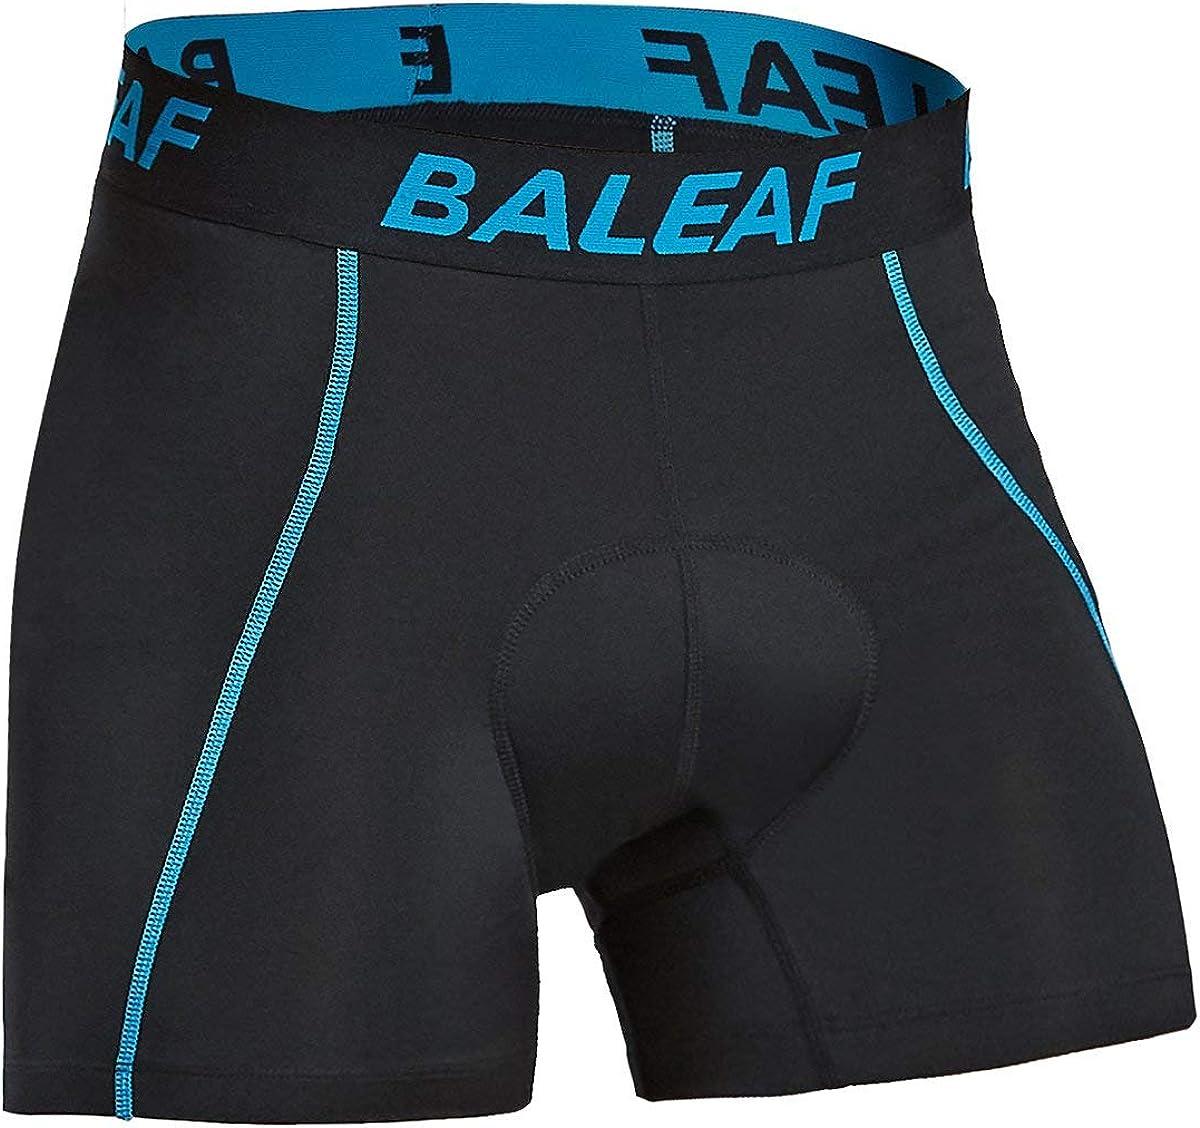 BALEAF Men's Padded Bike Shorts